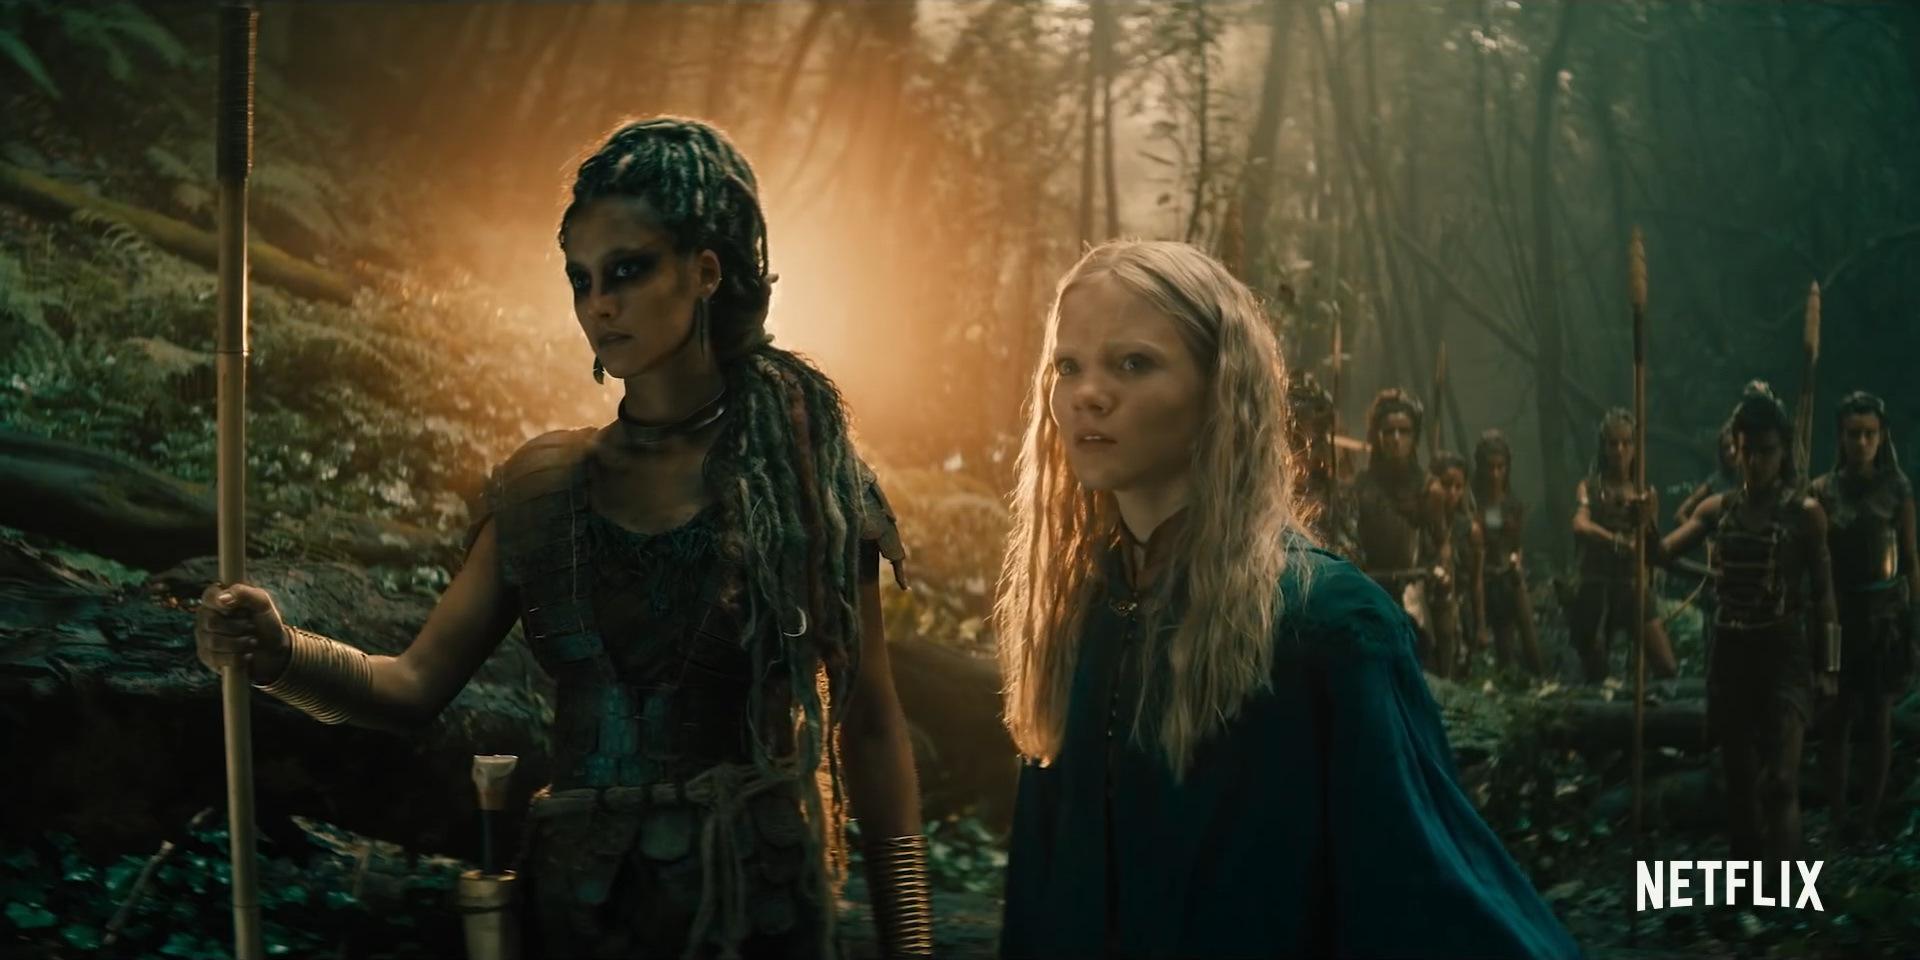 《巫师》电视剧主创采访:大超的杰洛特独一无二